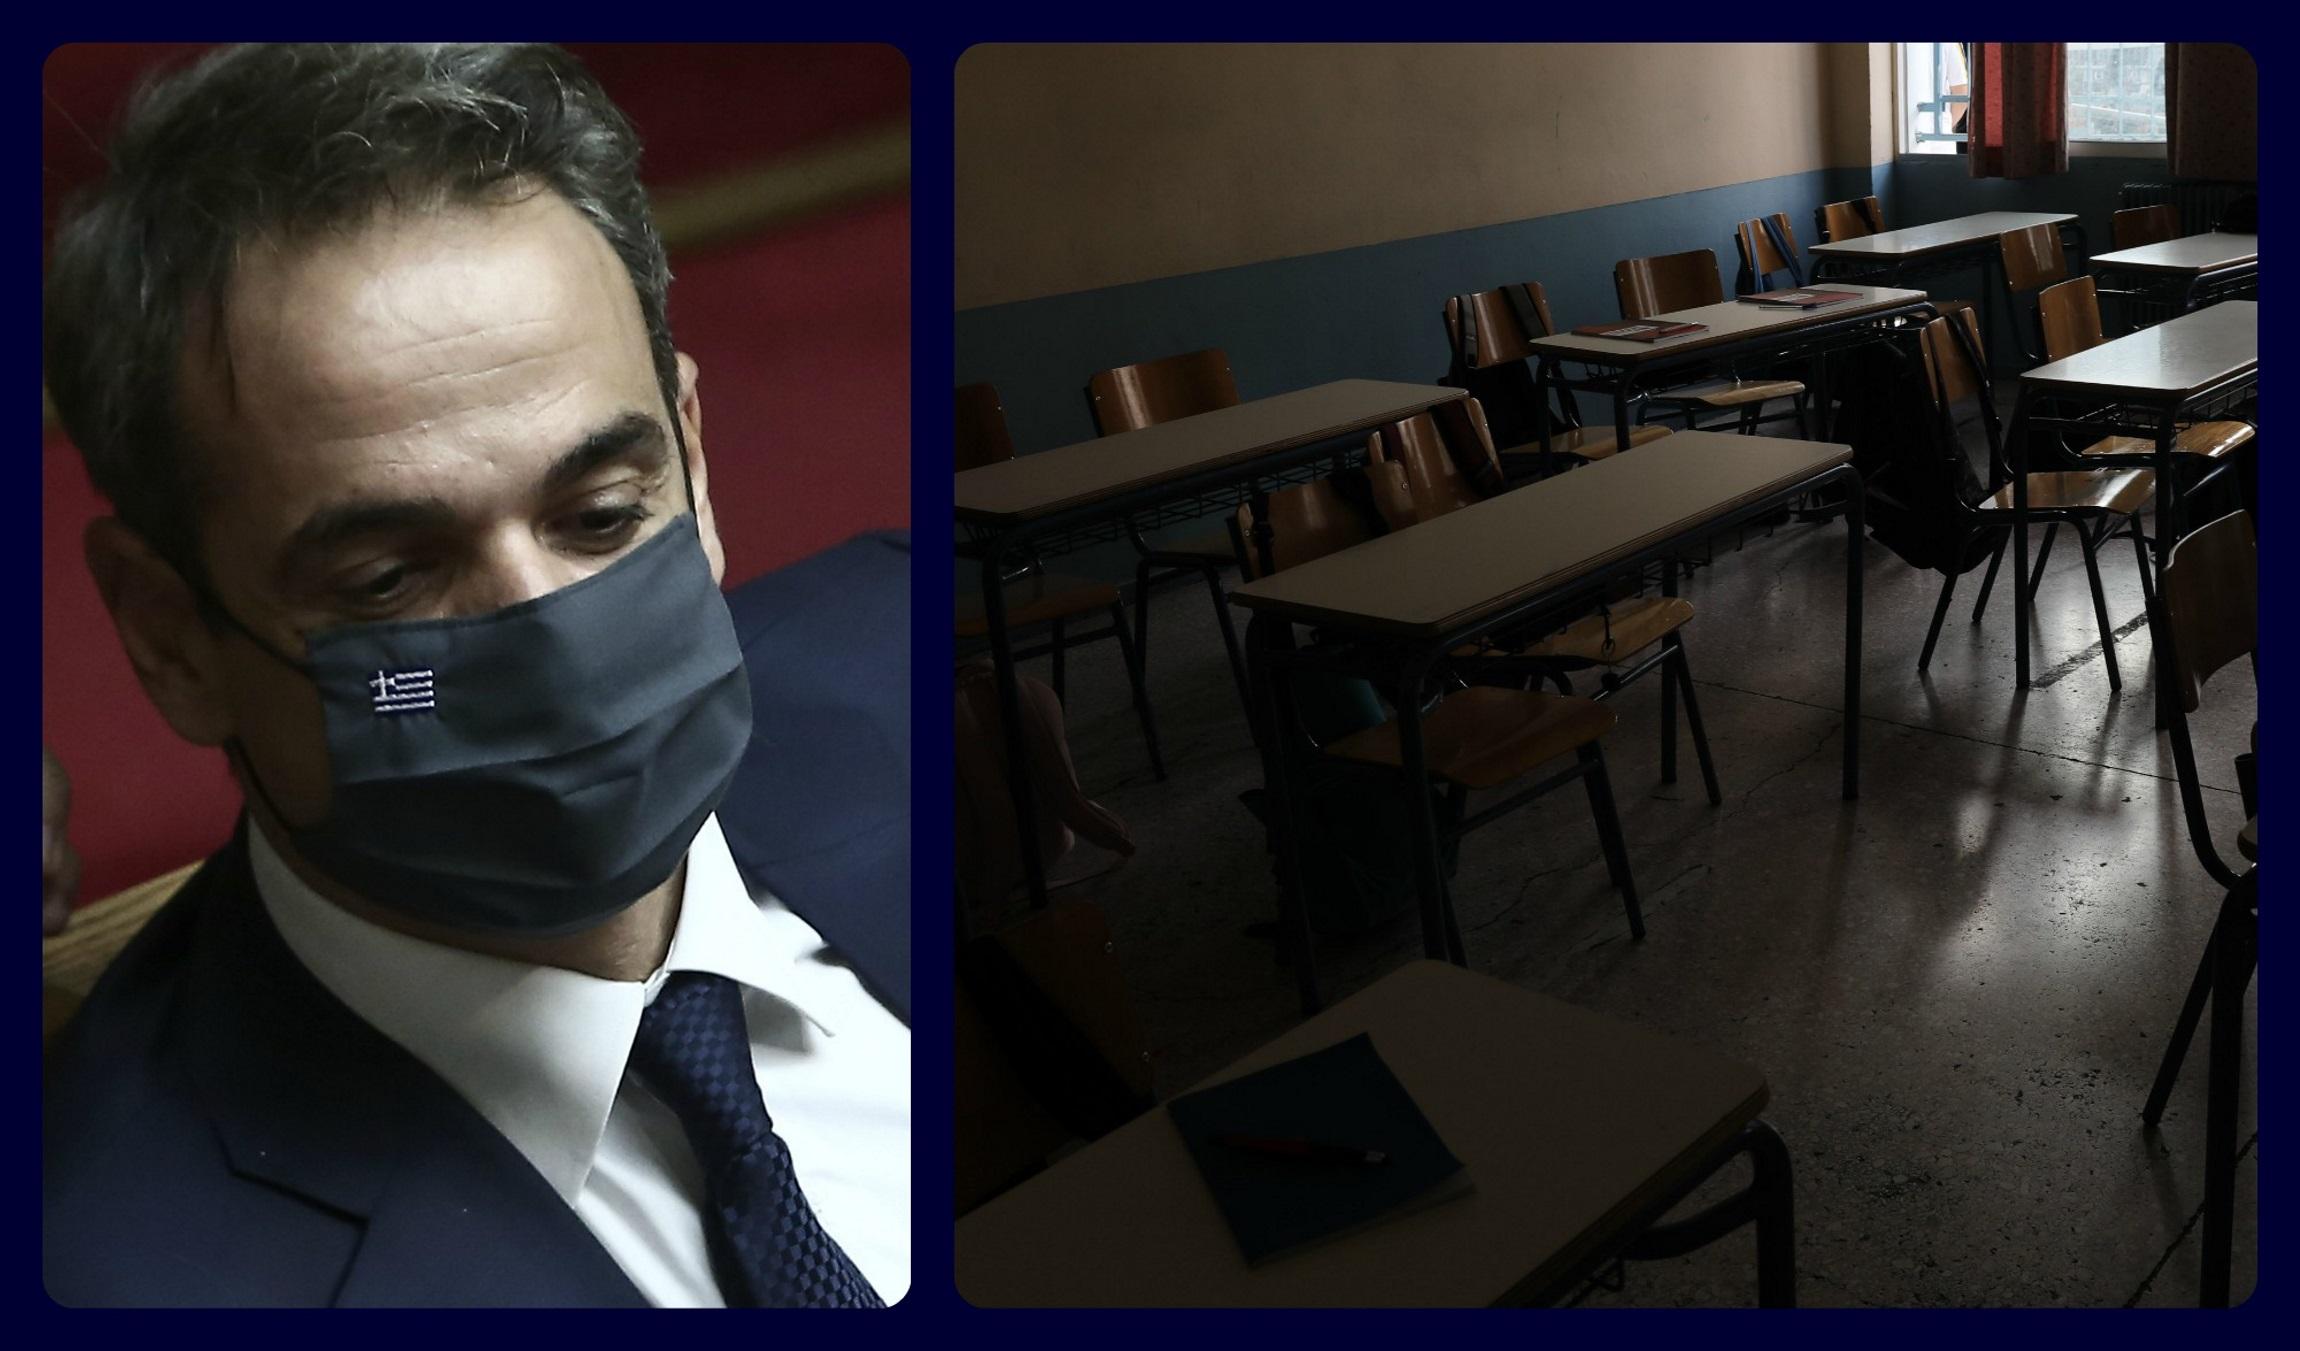 Σχολεία: Γι' αυτό ζήτησαν «λουκέτο» οι ειδικοί! Οι αποφάσεις Μητσοτάκη και το lockdown